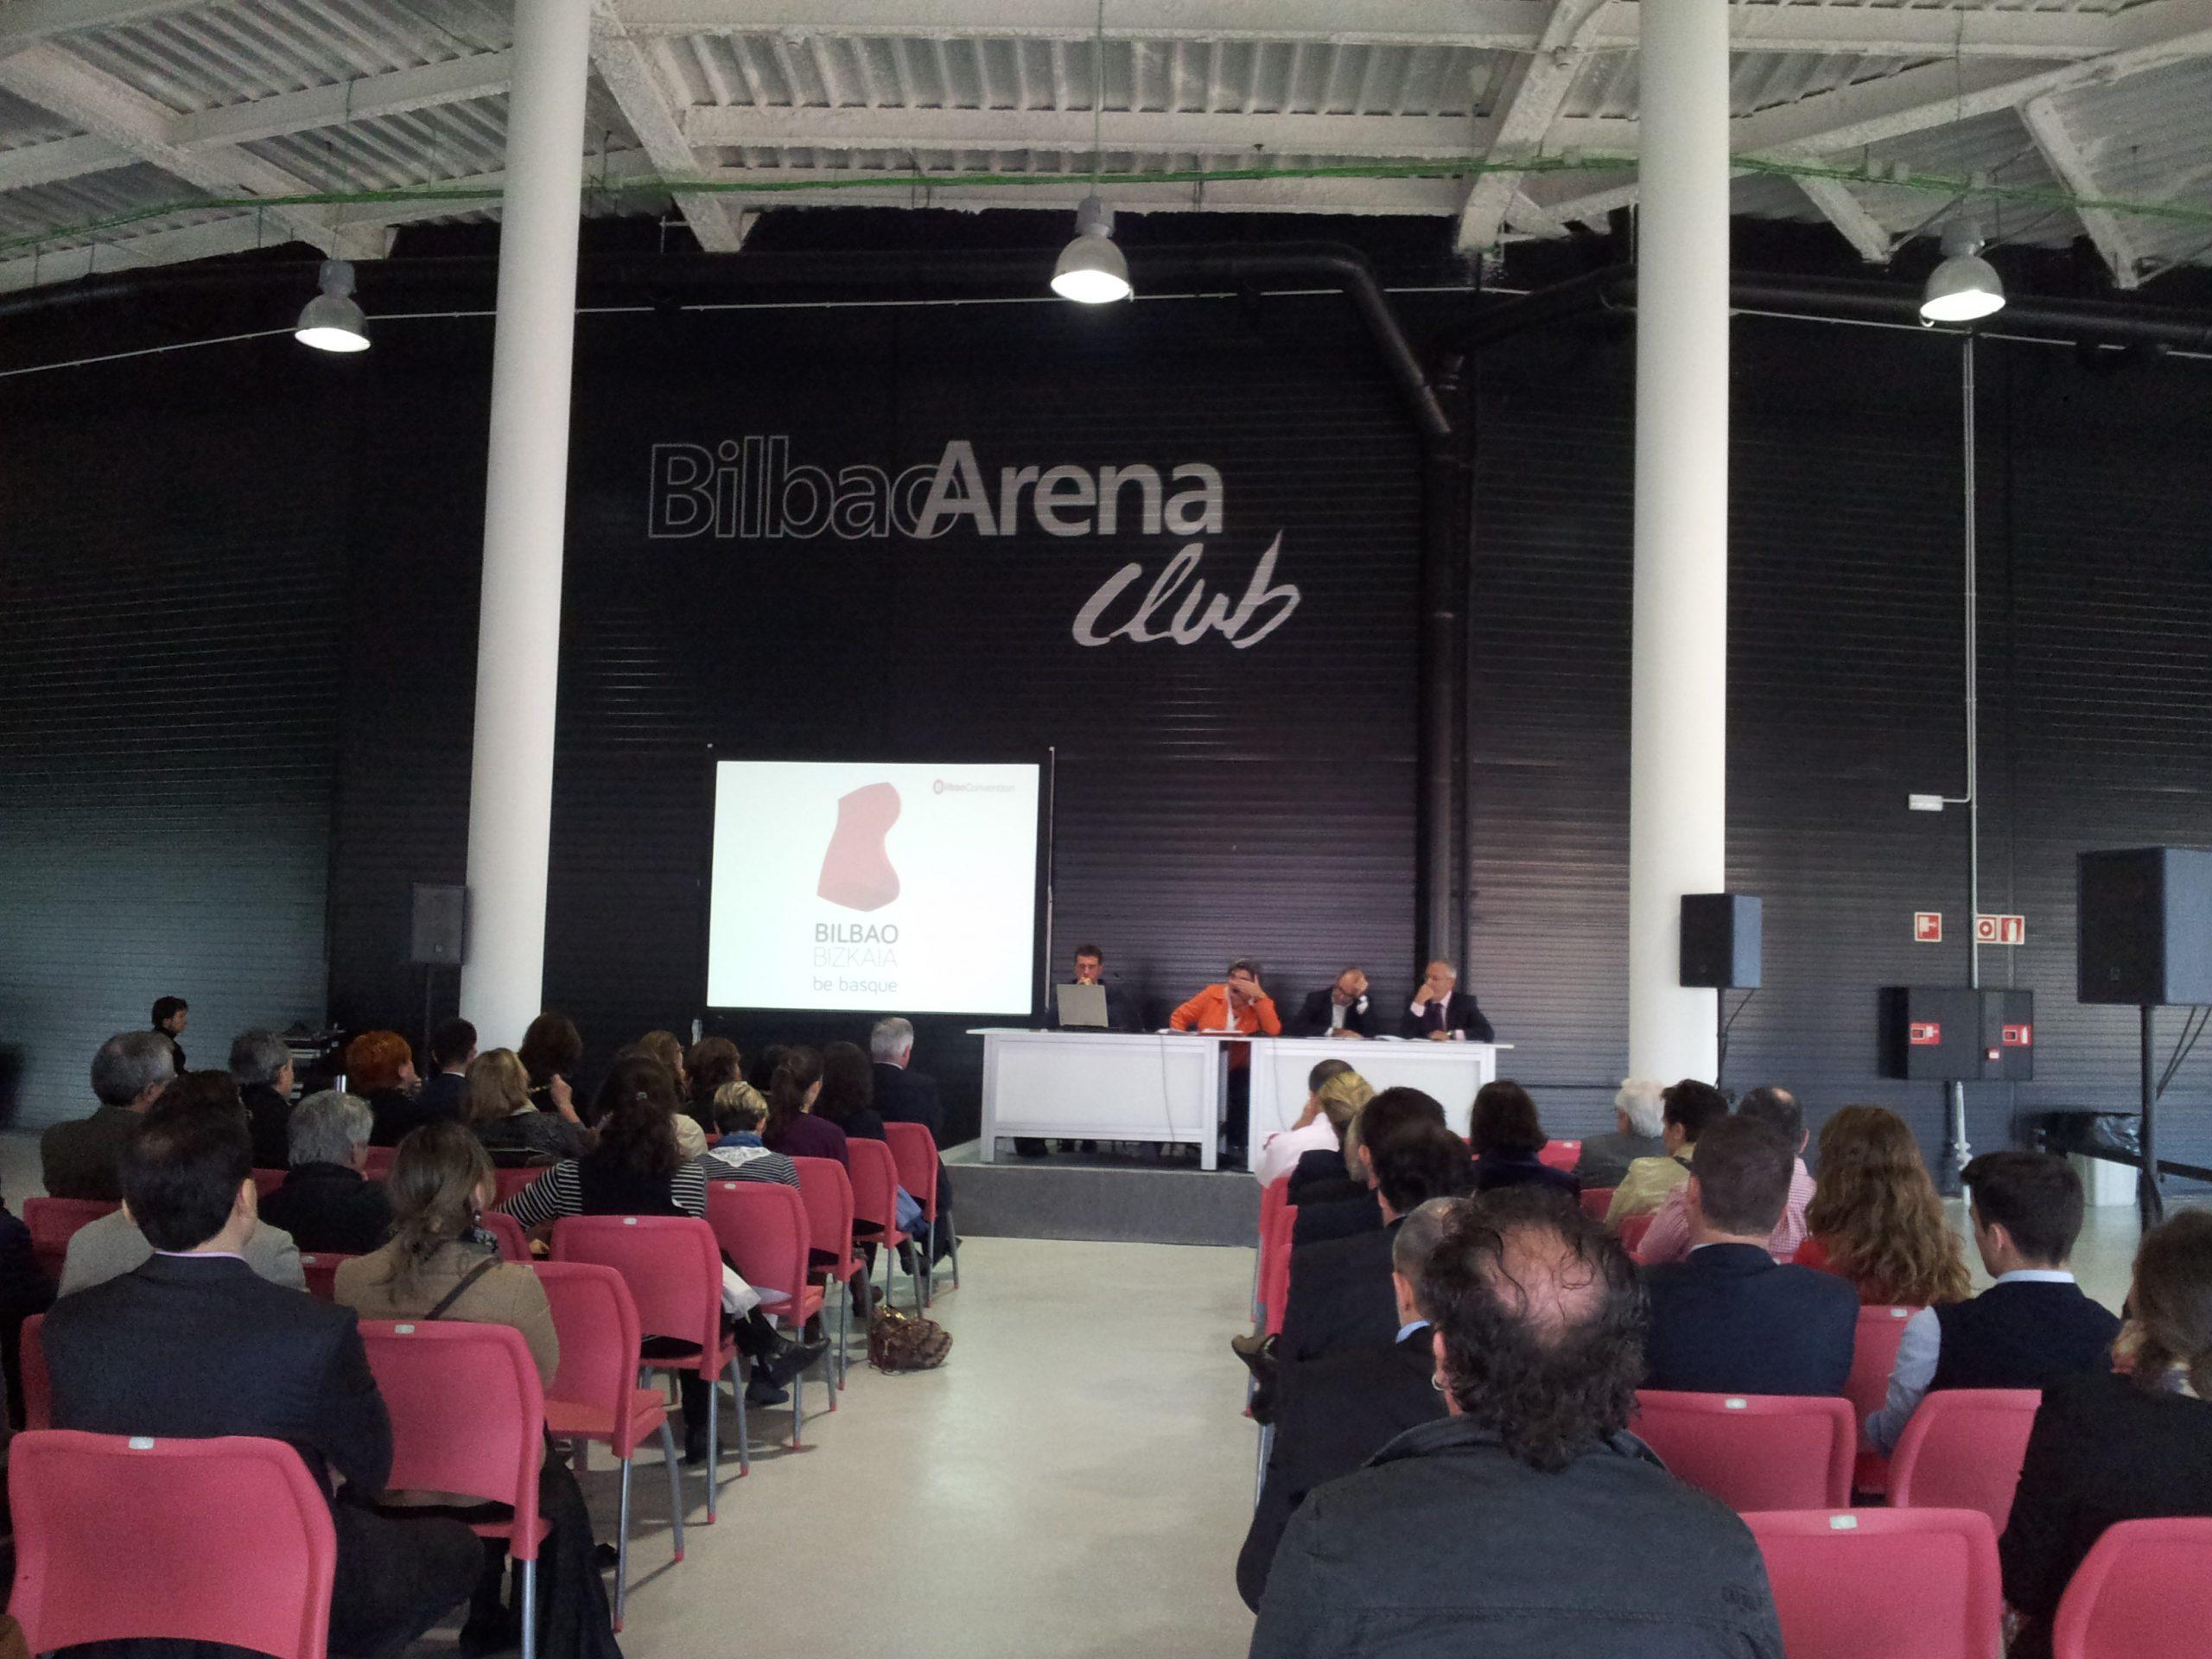 Bilbao Arena. Congreso.